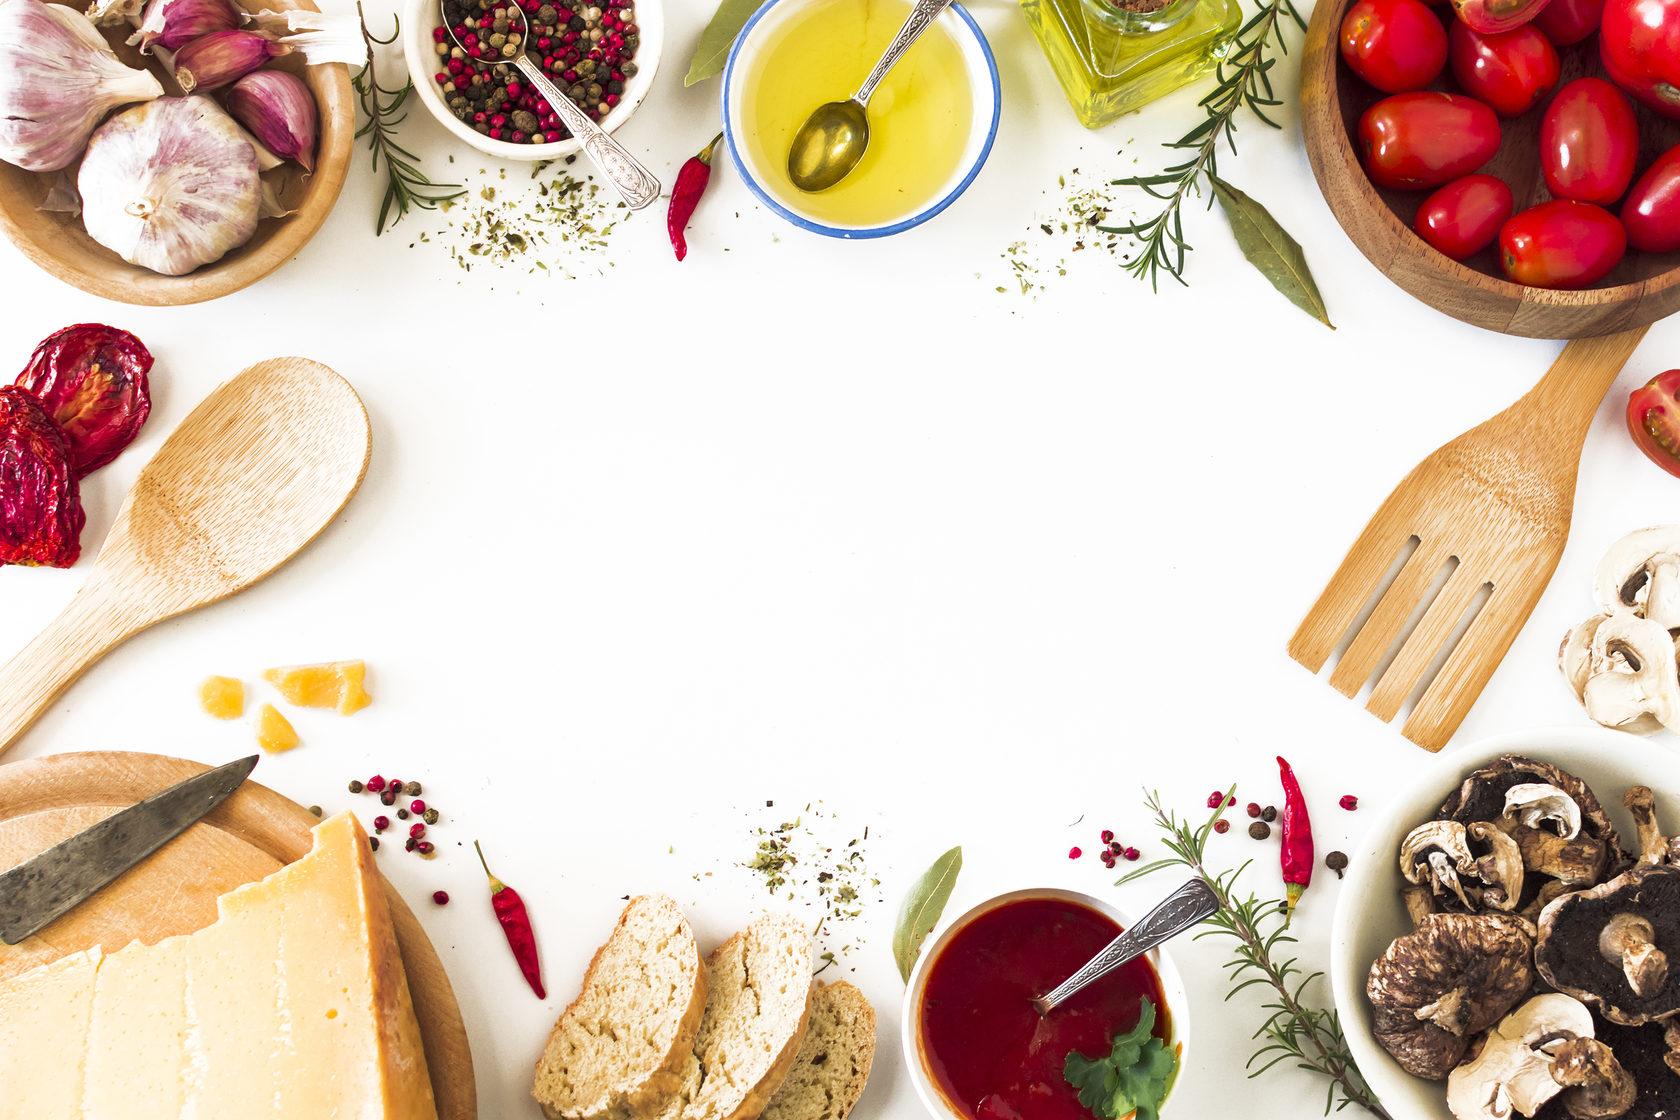 Финская кулинарная книга петербуржца, что едят в финляндии, что в финляндии попробовать туристу, рыбный суп , уха по-фински, пирожное Рунеберга  Oy Teboil Ab, что съесть на финской заправке